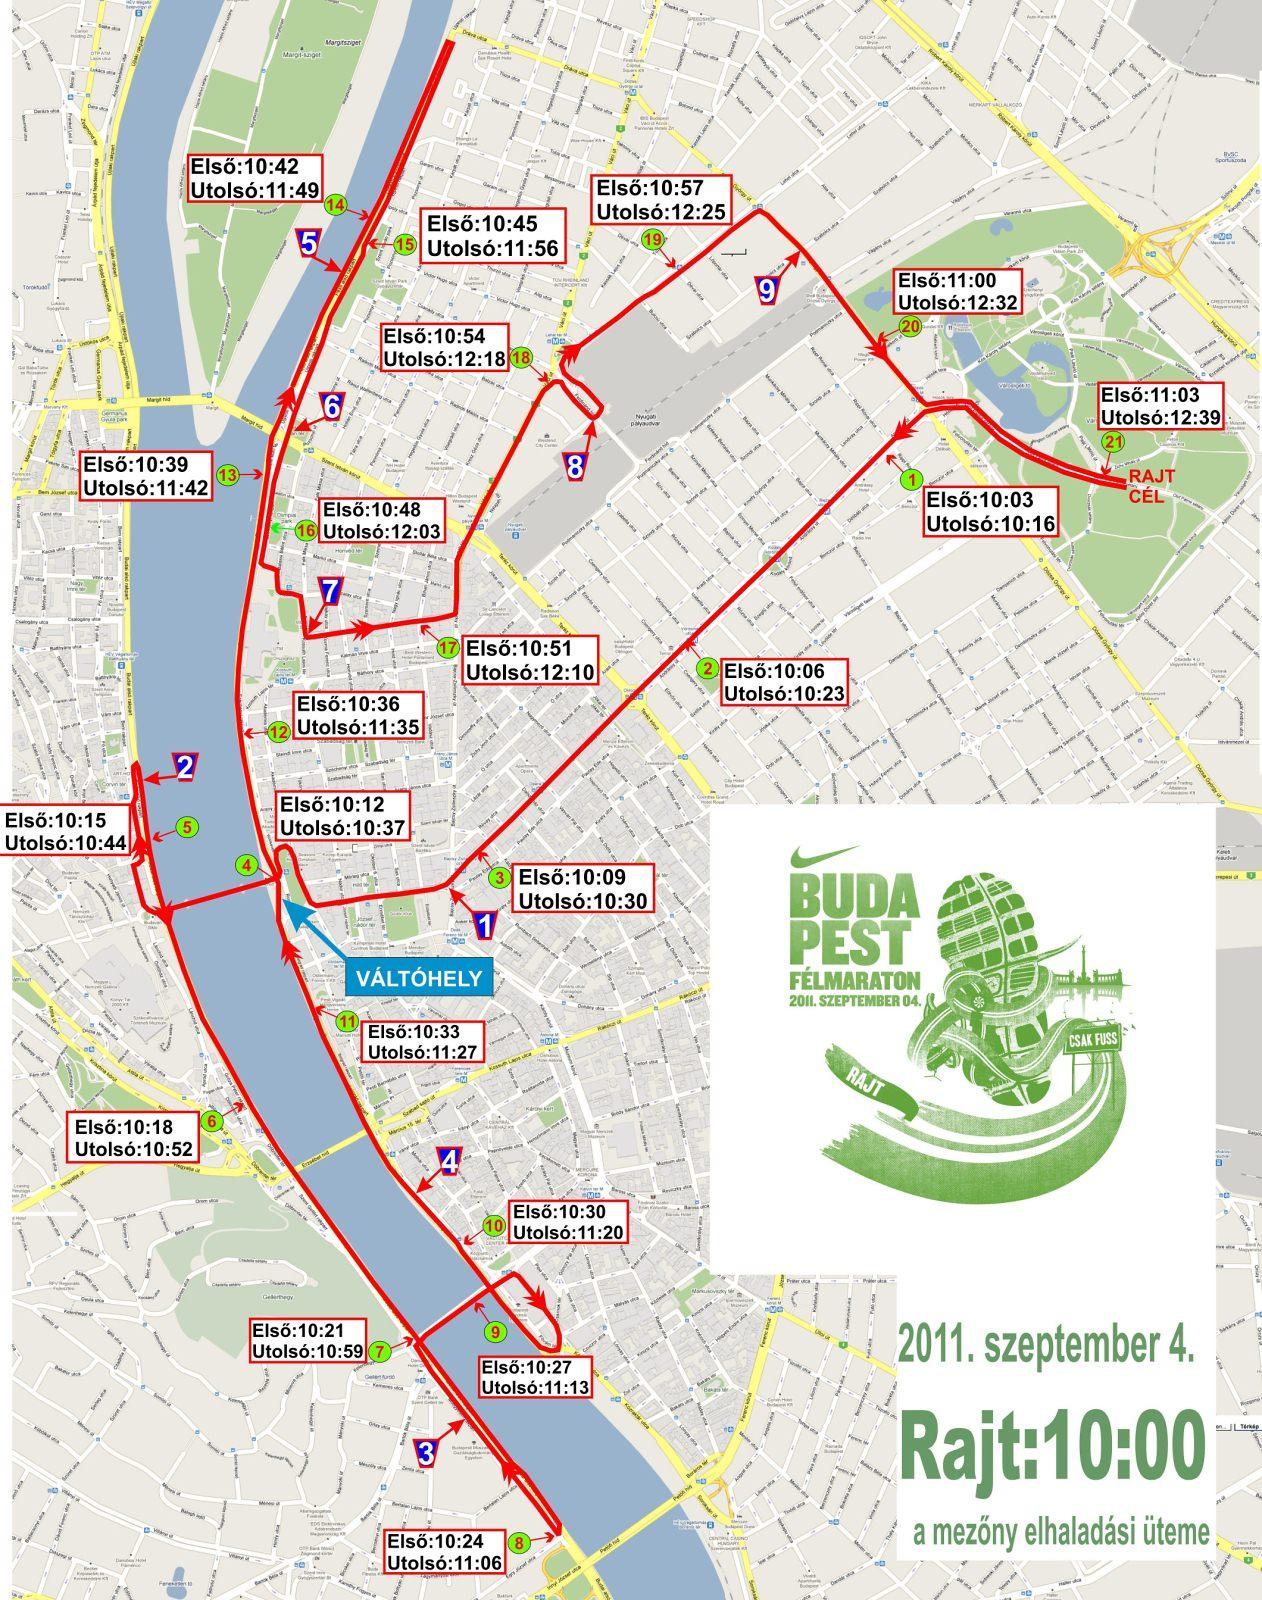 Forgalmi korlátozások és útlezárosok Budapesten a nike Budapest félmaraton futóverseny ideje alatt